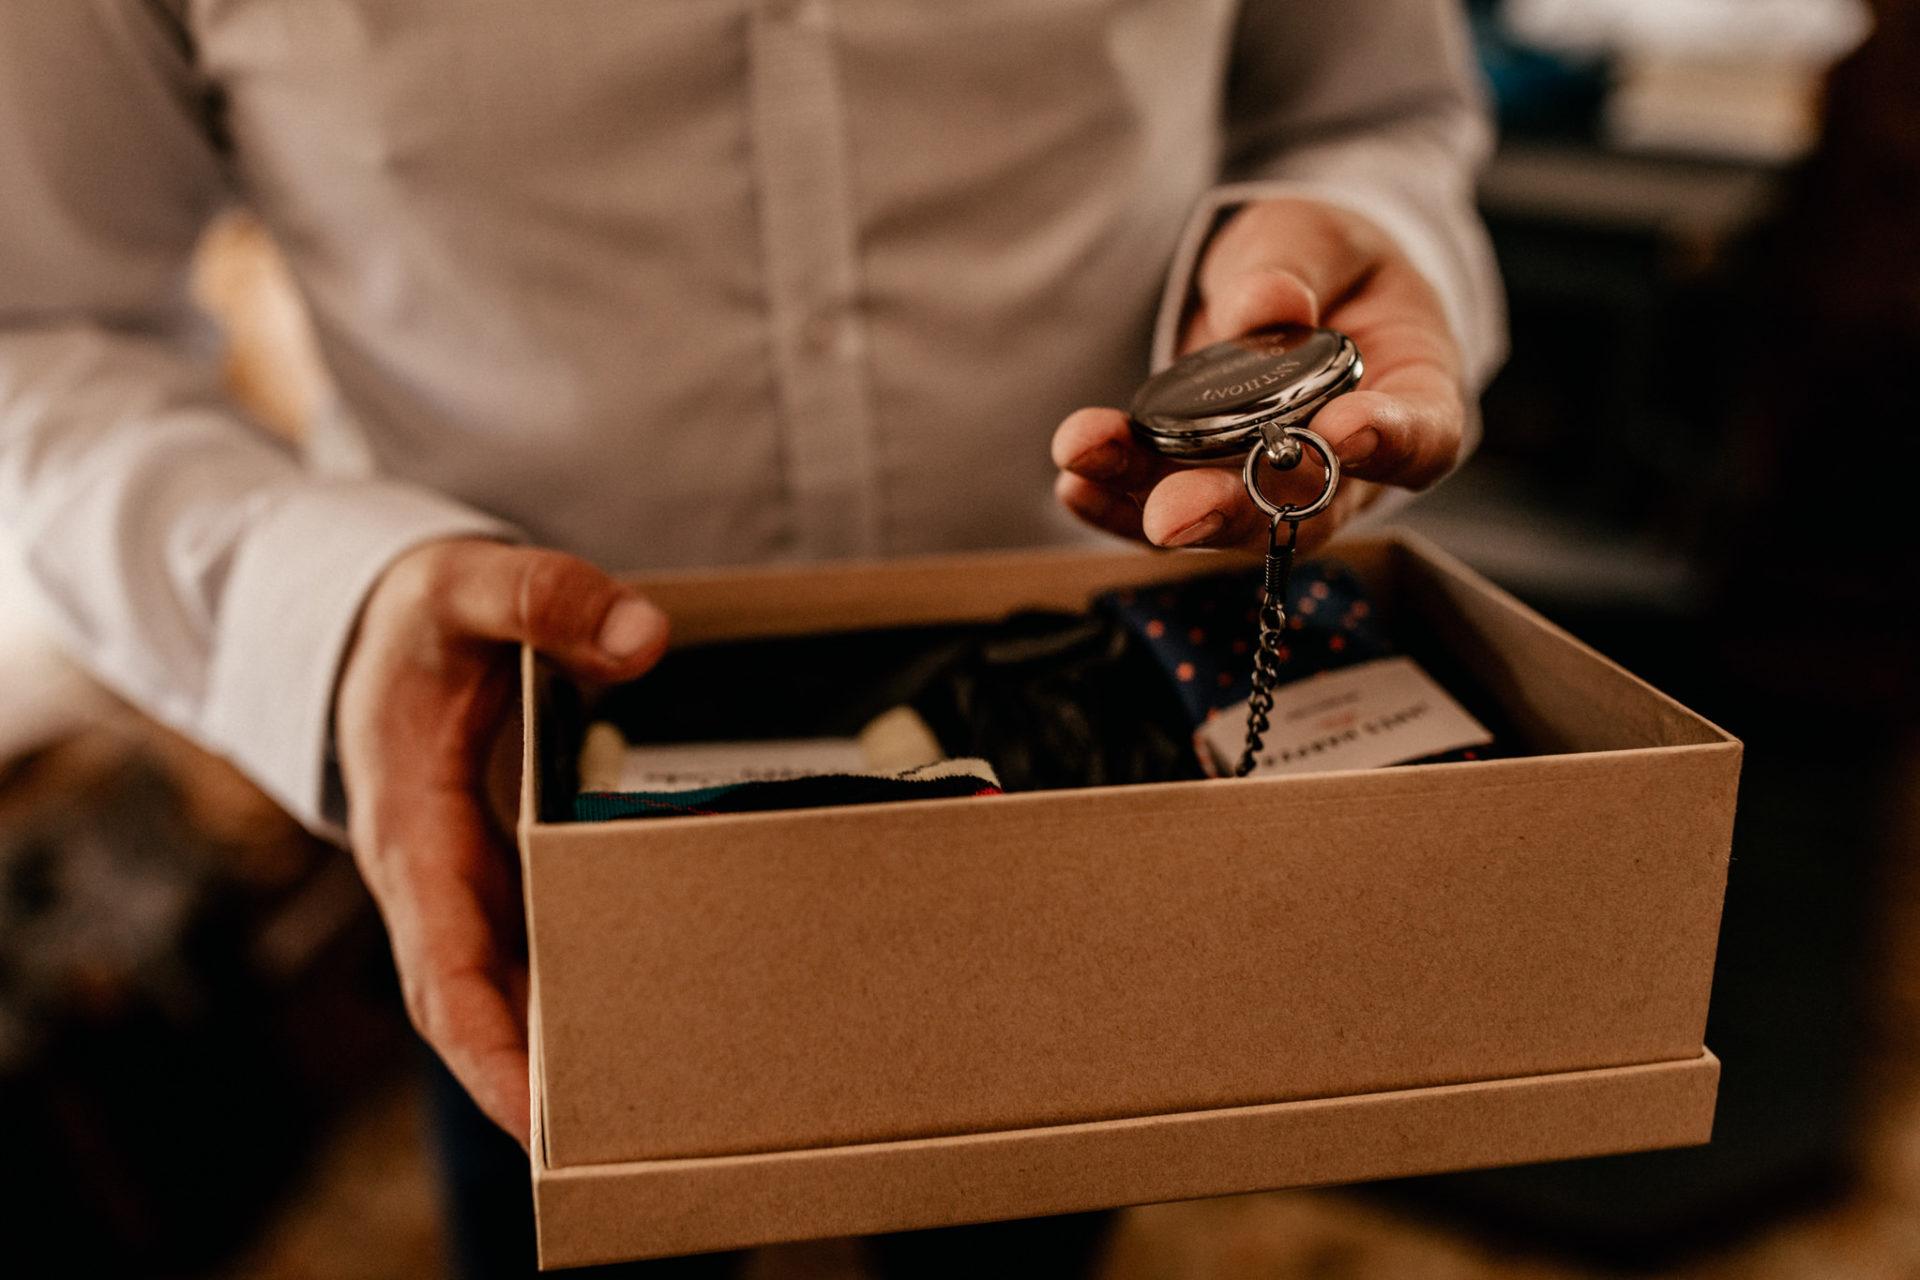 Campinghochzeit-australien-Mooropna Wedding Photographer-Brautigam Trauzeuge-getting ready-taschenuhr-hochzeitsgeschenk